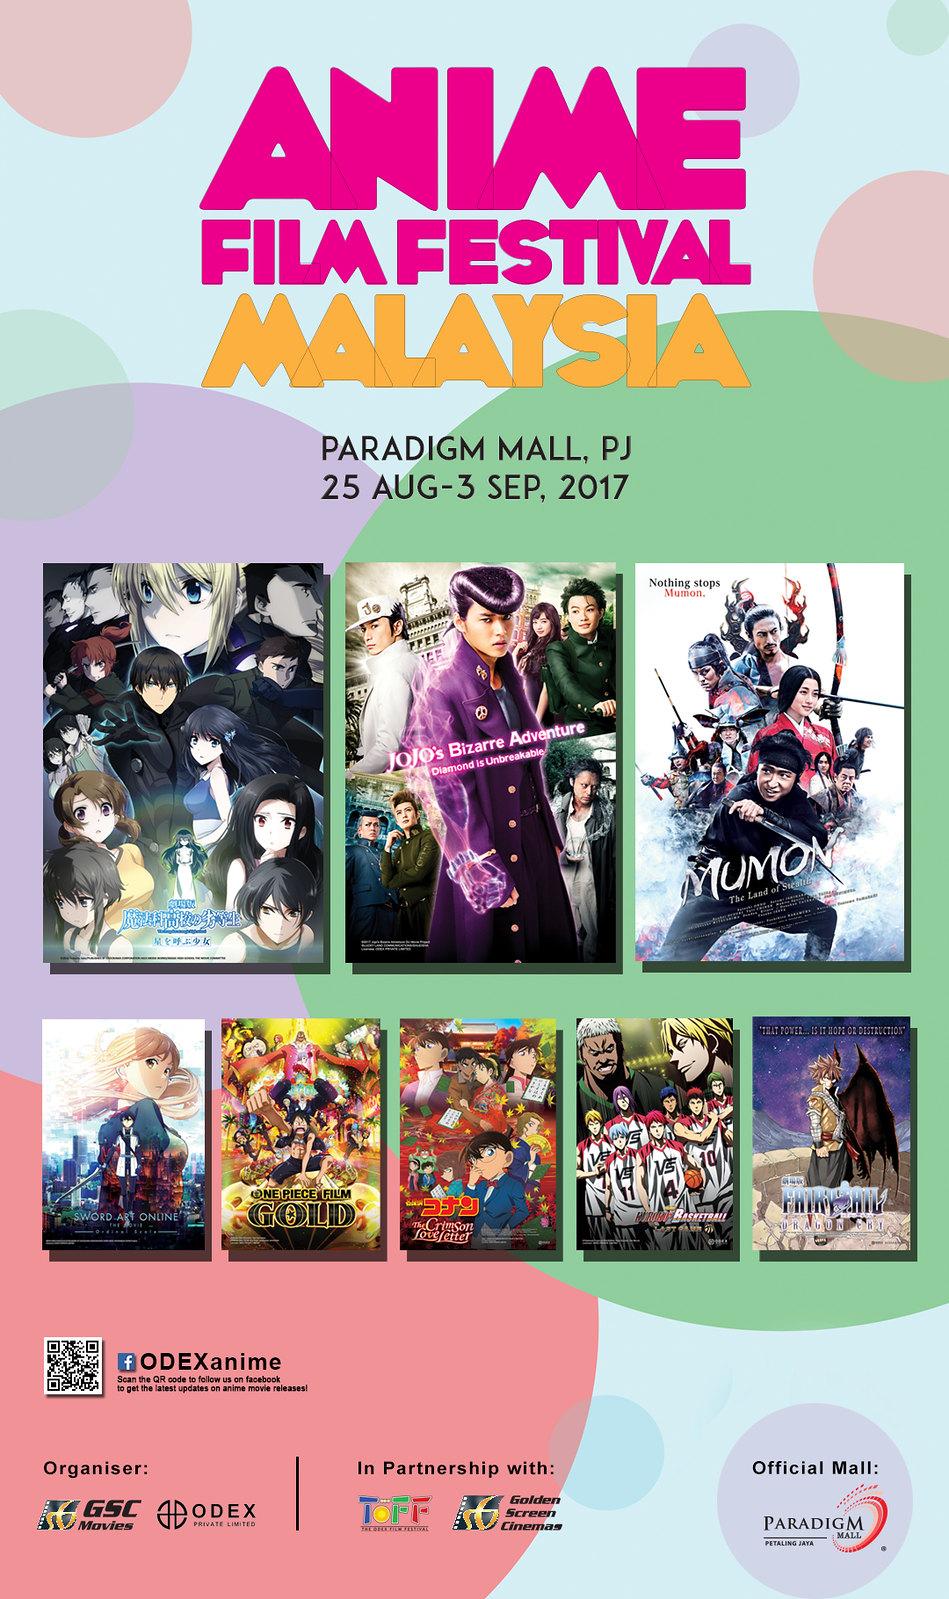 Anime Film Festival Malaysia 2017